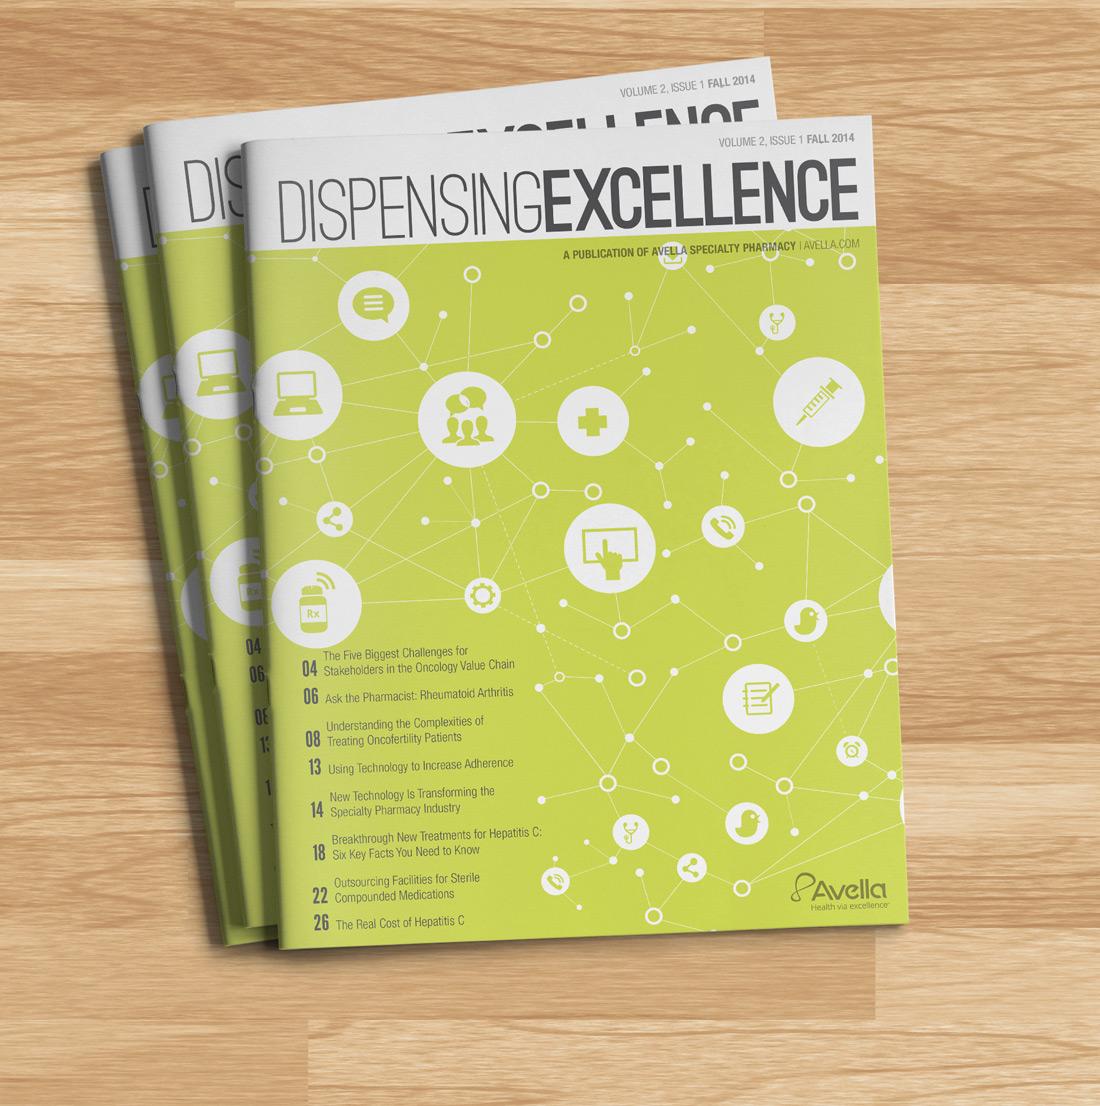 Brian_Leach-Dispensing_Excellence-01.jpg